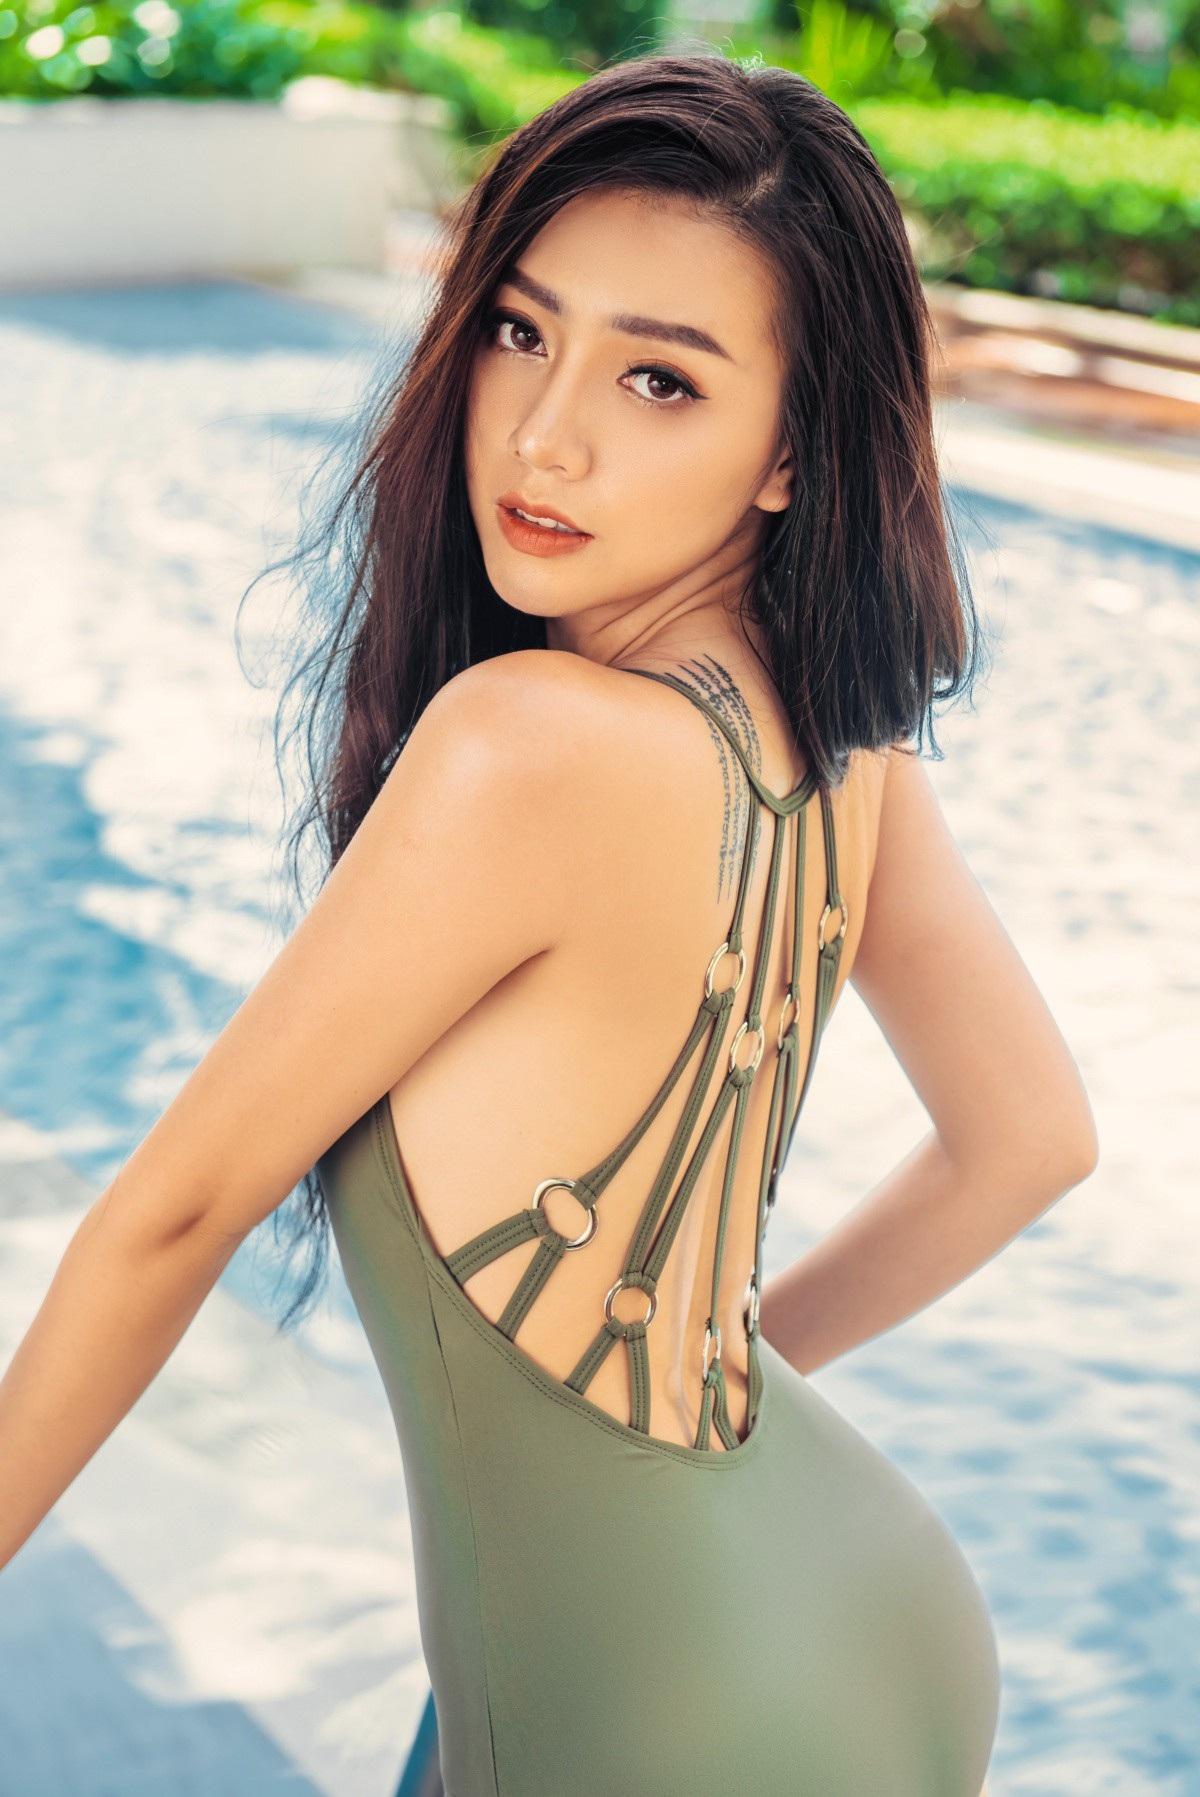 Người đẹp từng tâm sự diễn xuất như một cái duyên và trở về đóng phim với cô như cá về với nước.